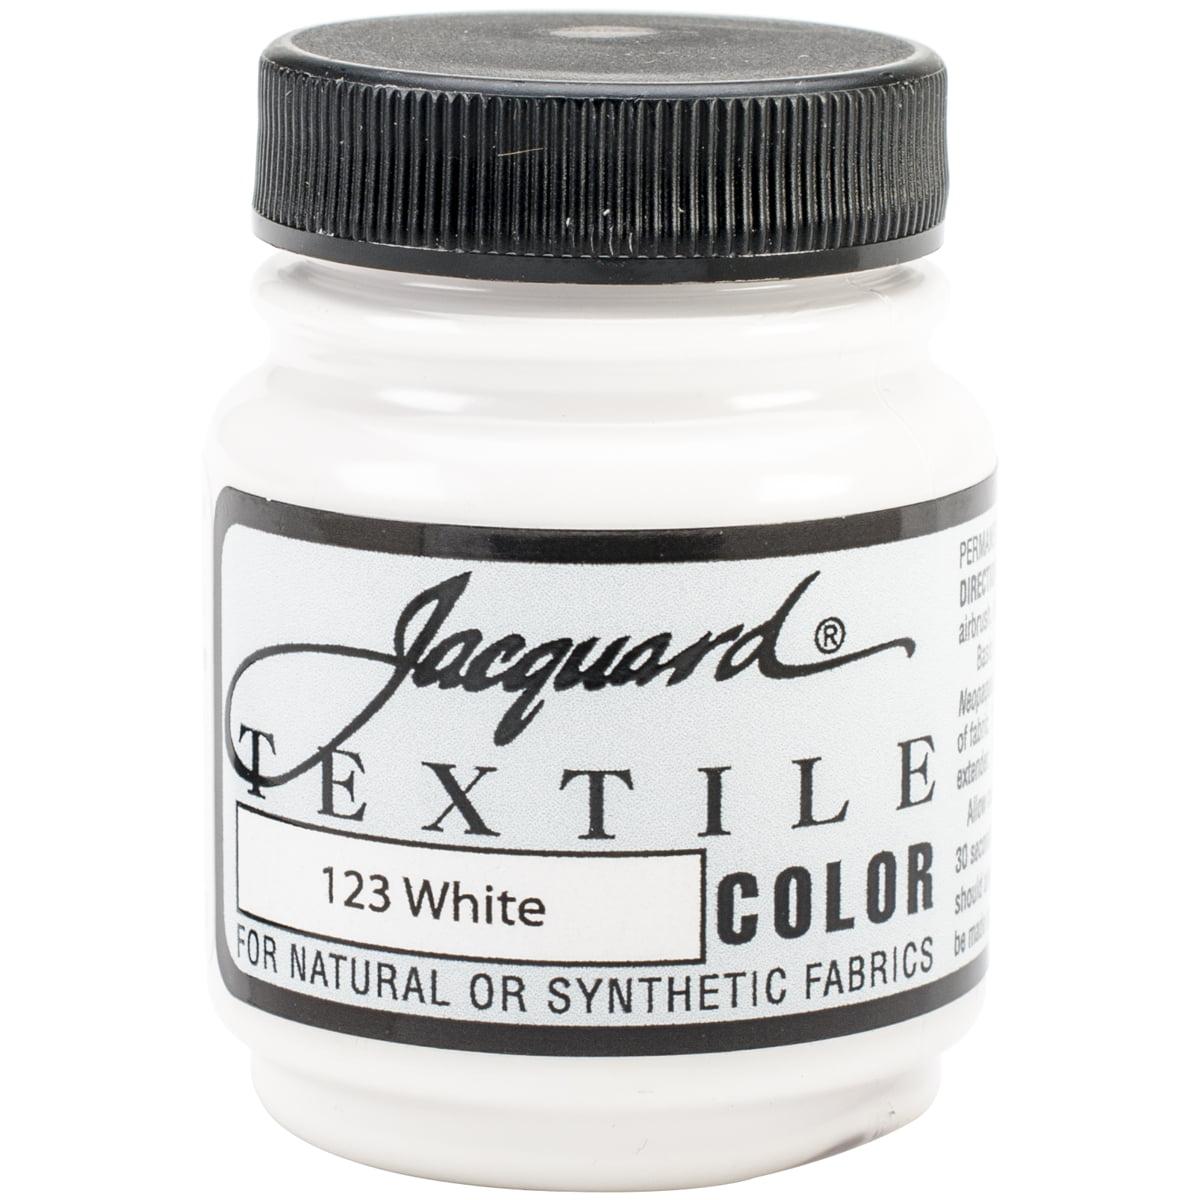 Jacquard Textile Color Fabric Paint 2.25oz White